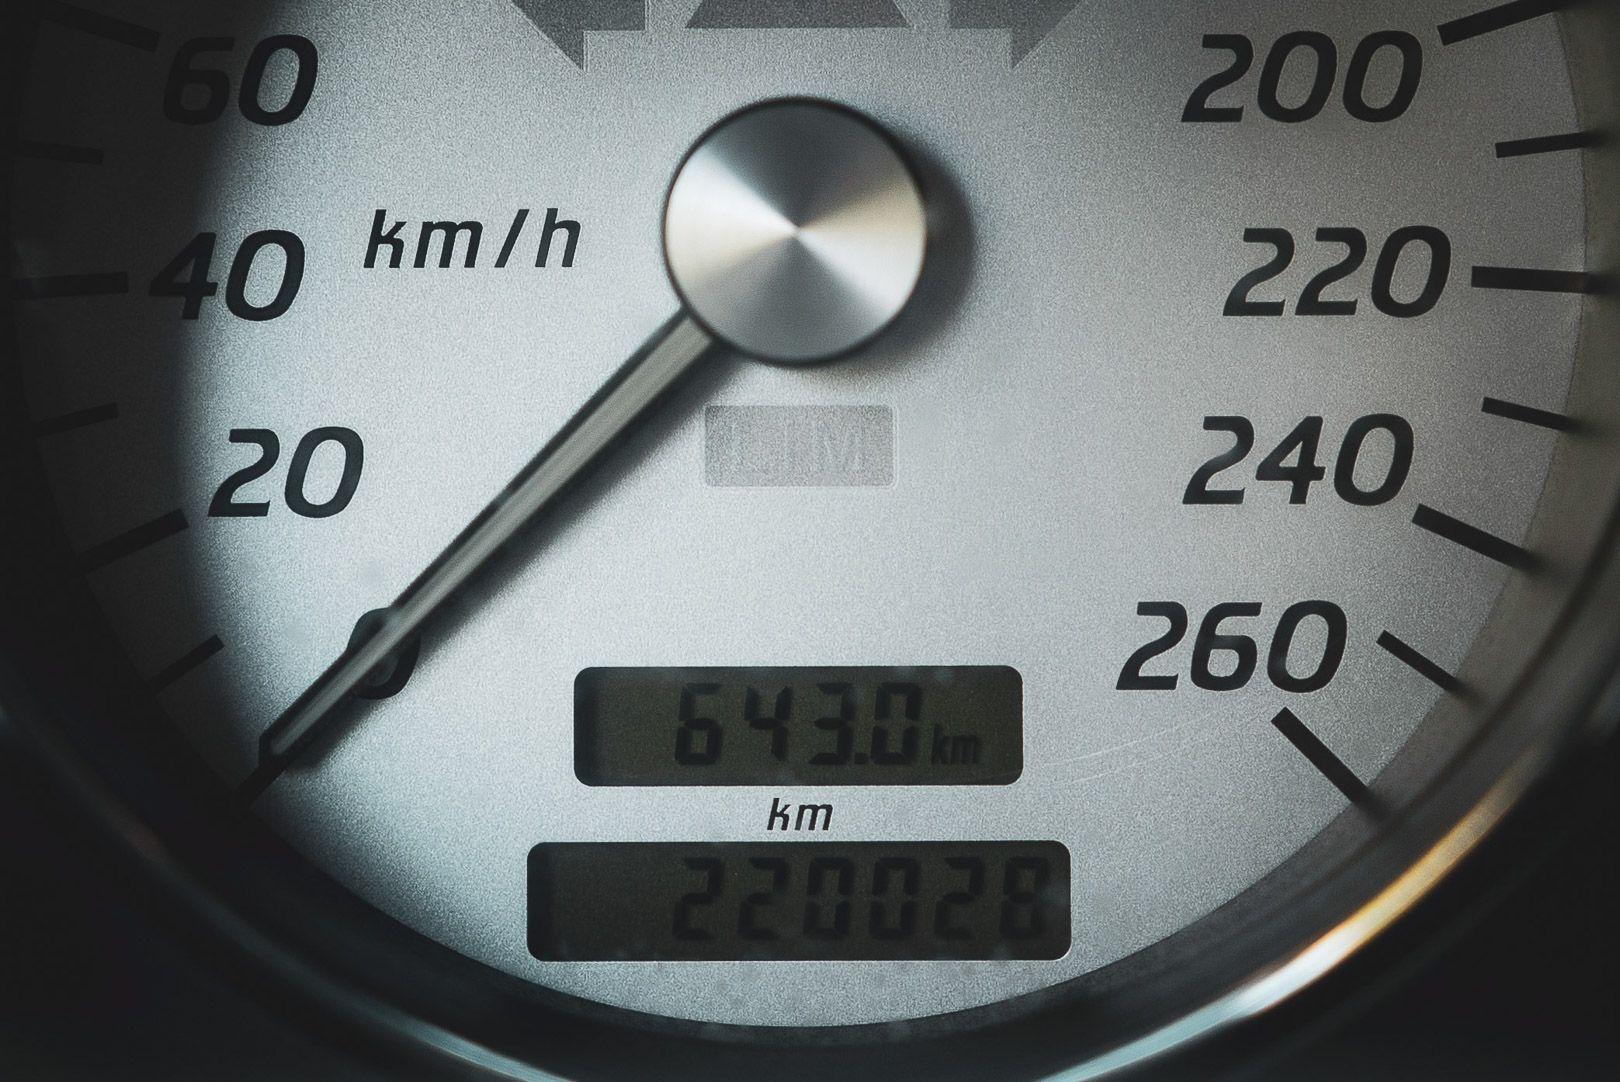 2004 Mercedes Benz 200 SLK Kompressor Special Edition 80777